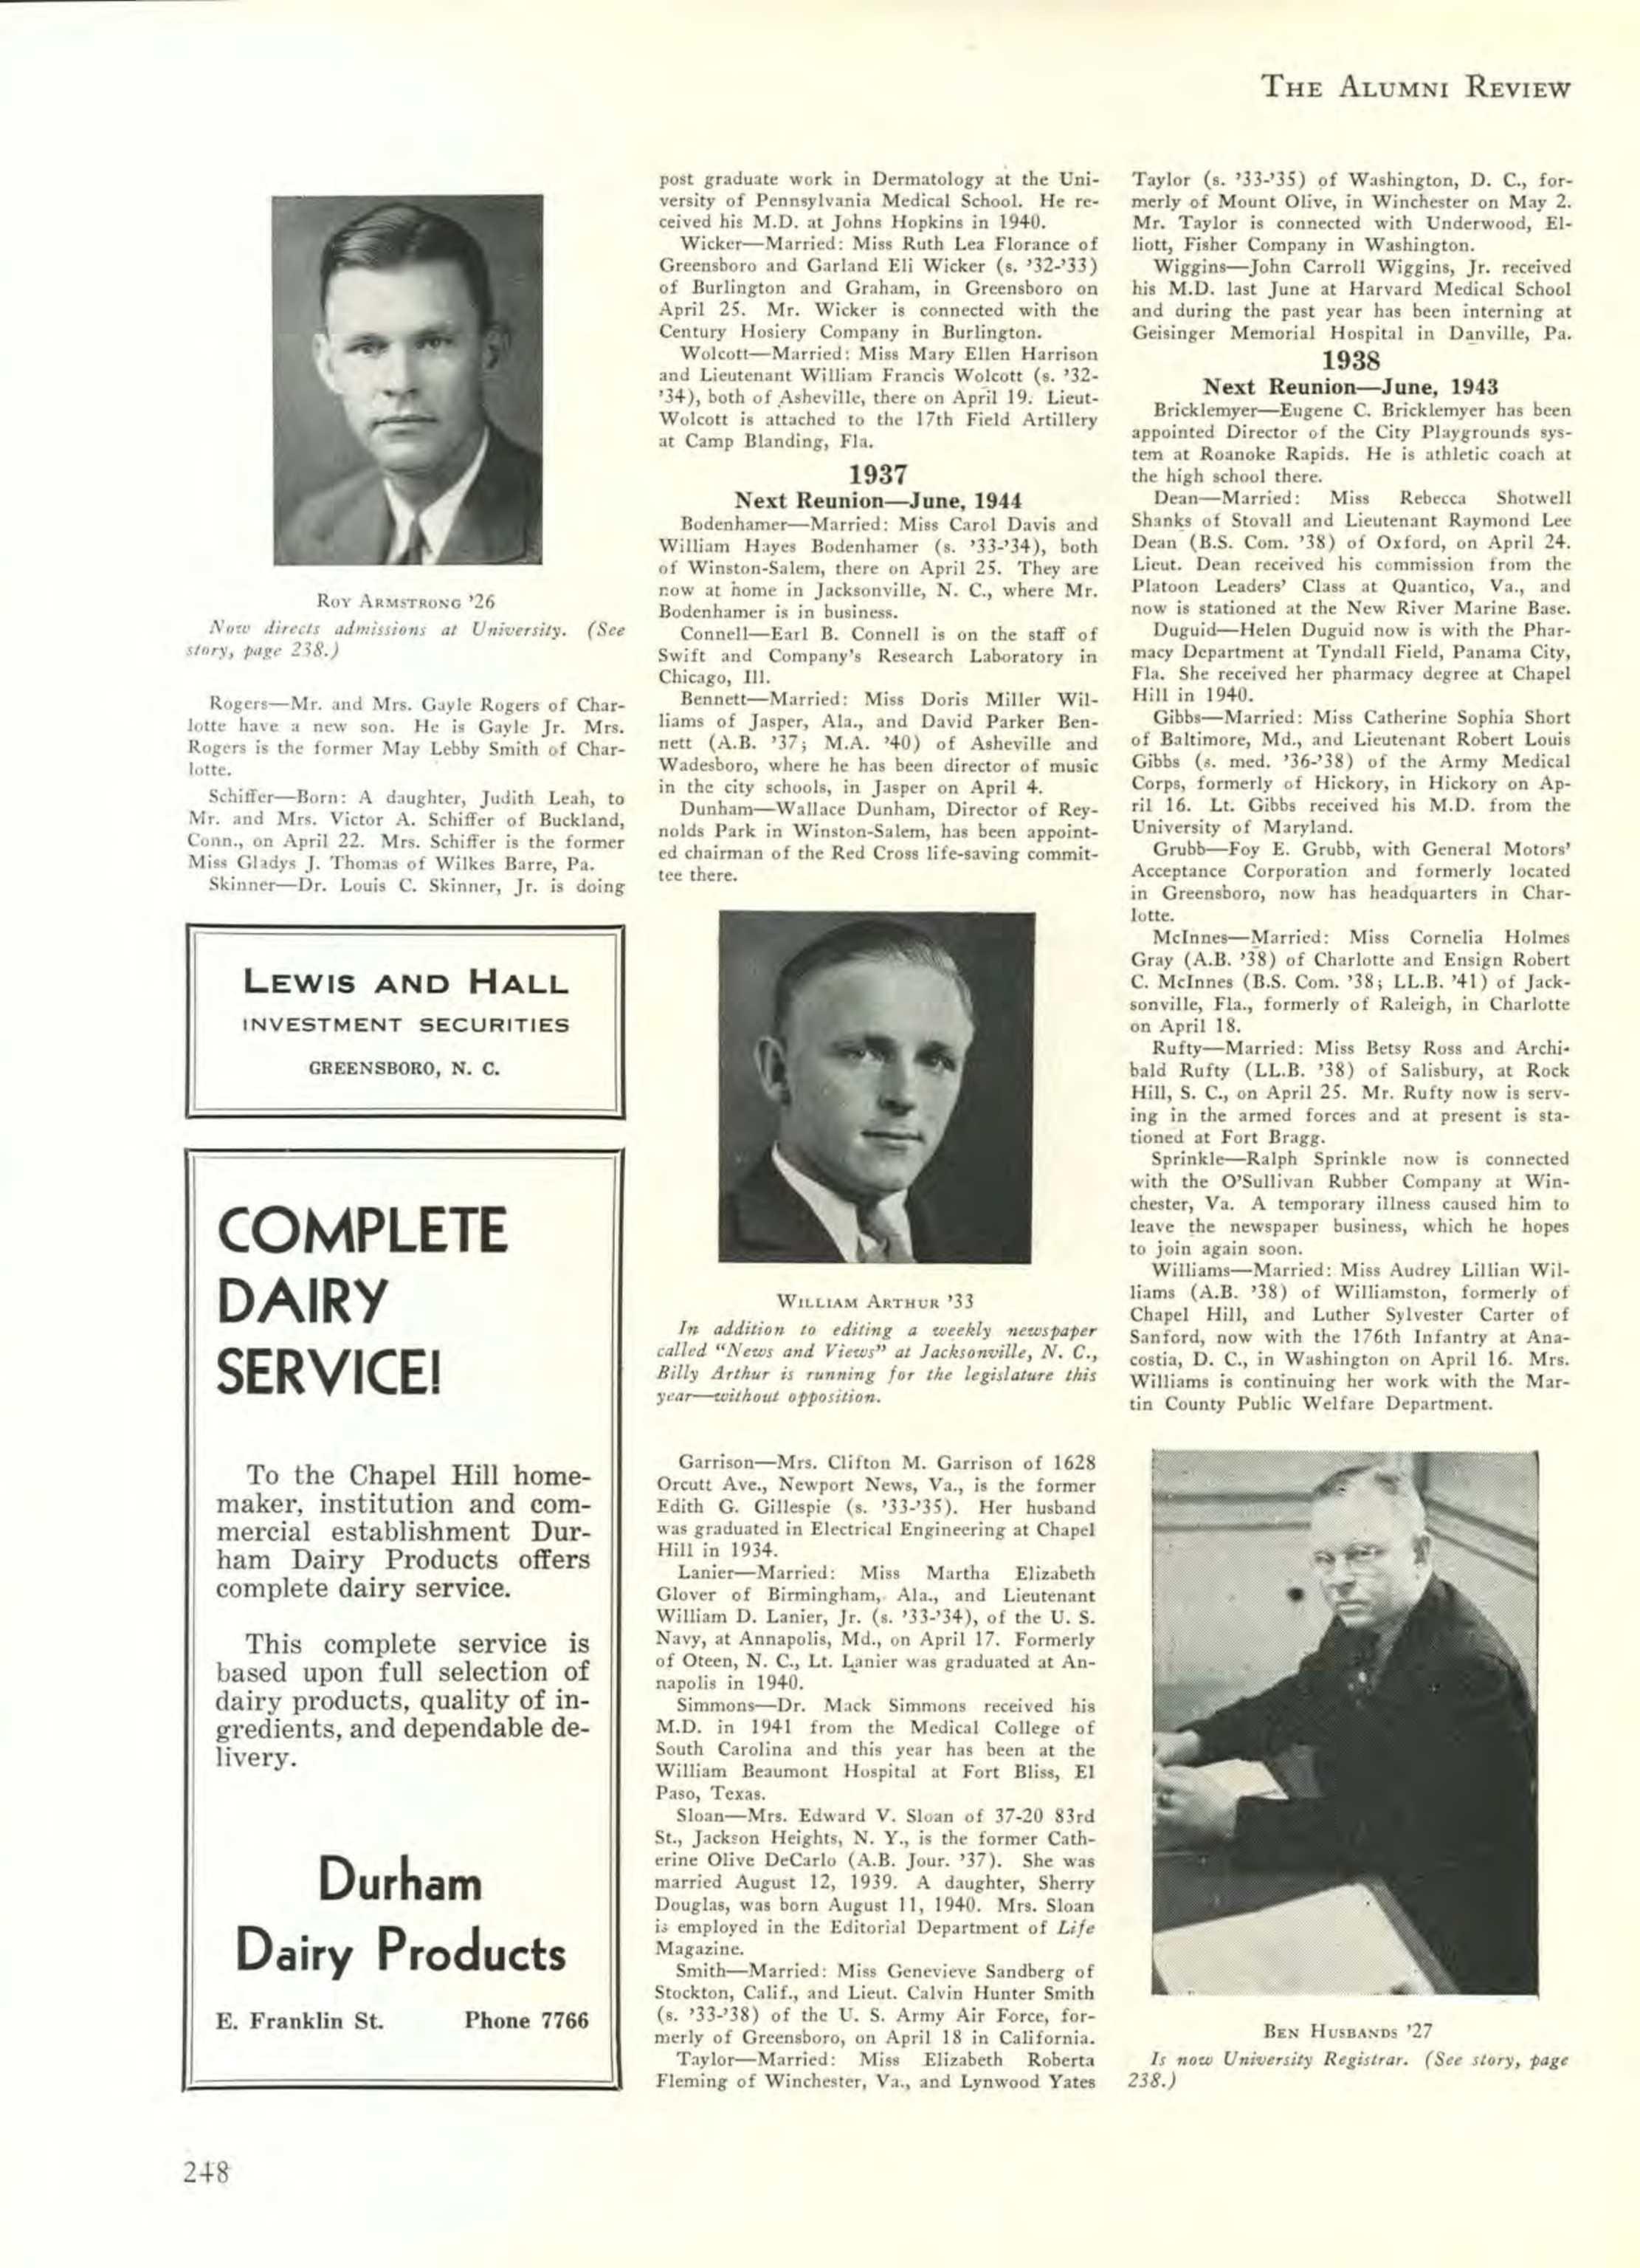 Carolina Alumni Review - May 1942 - page 249